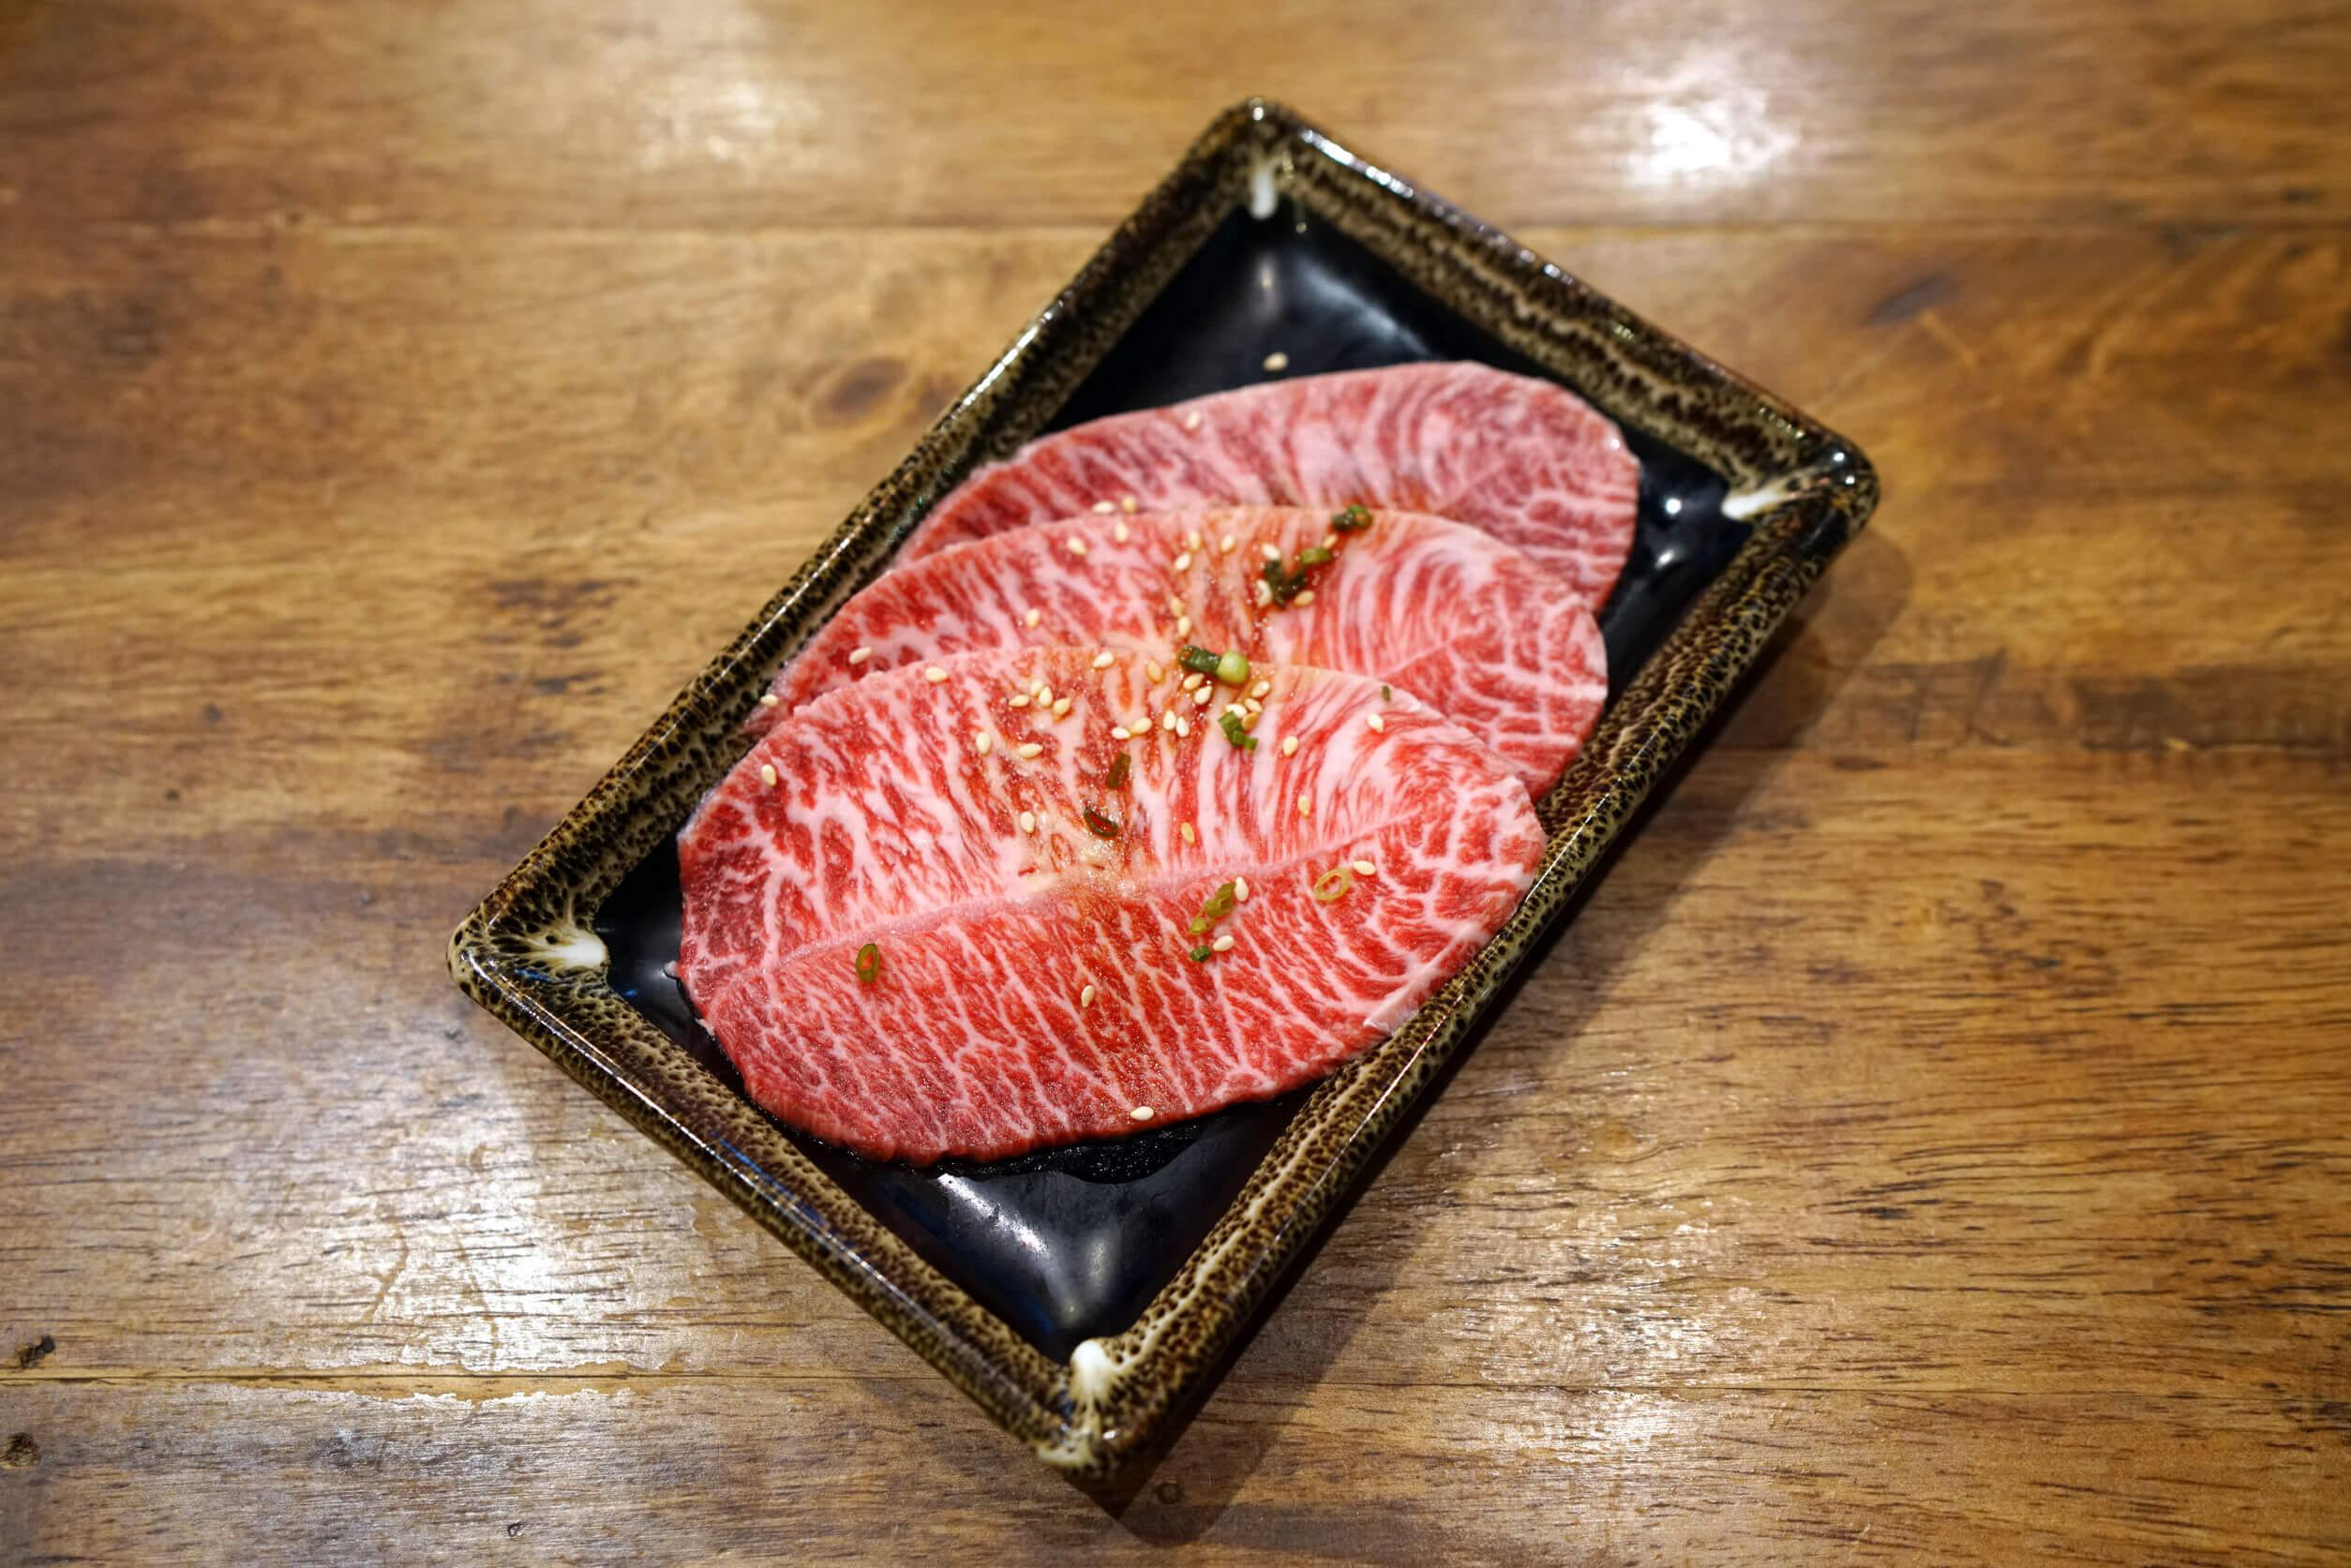 Лучше всего усваивать железо, если пища животного происхождения.